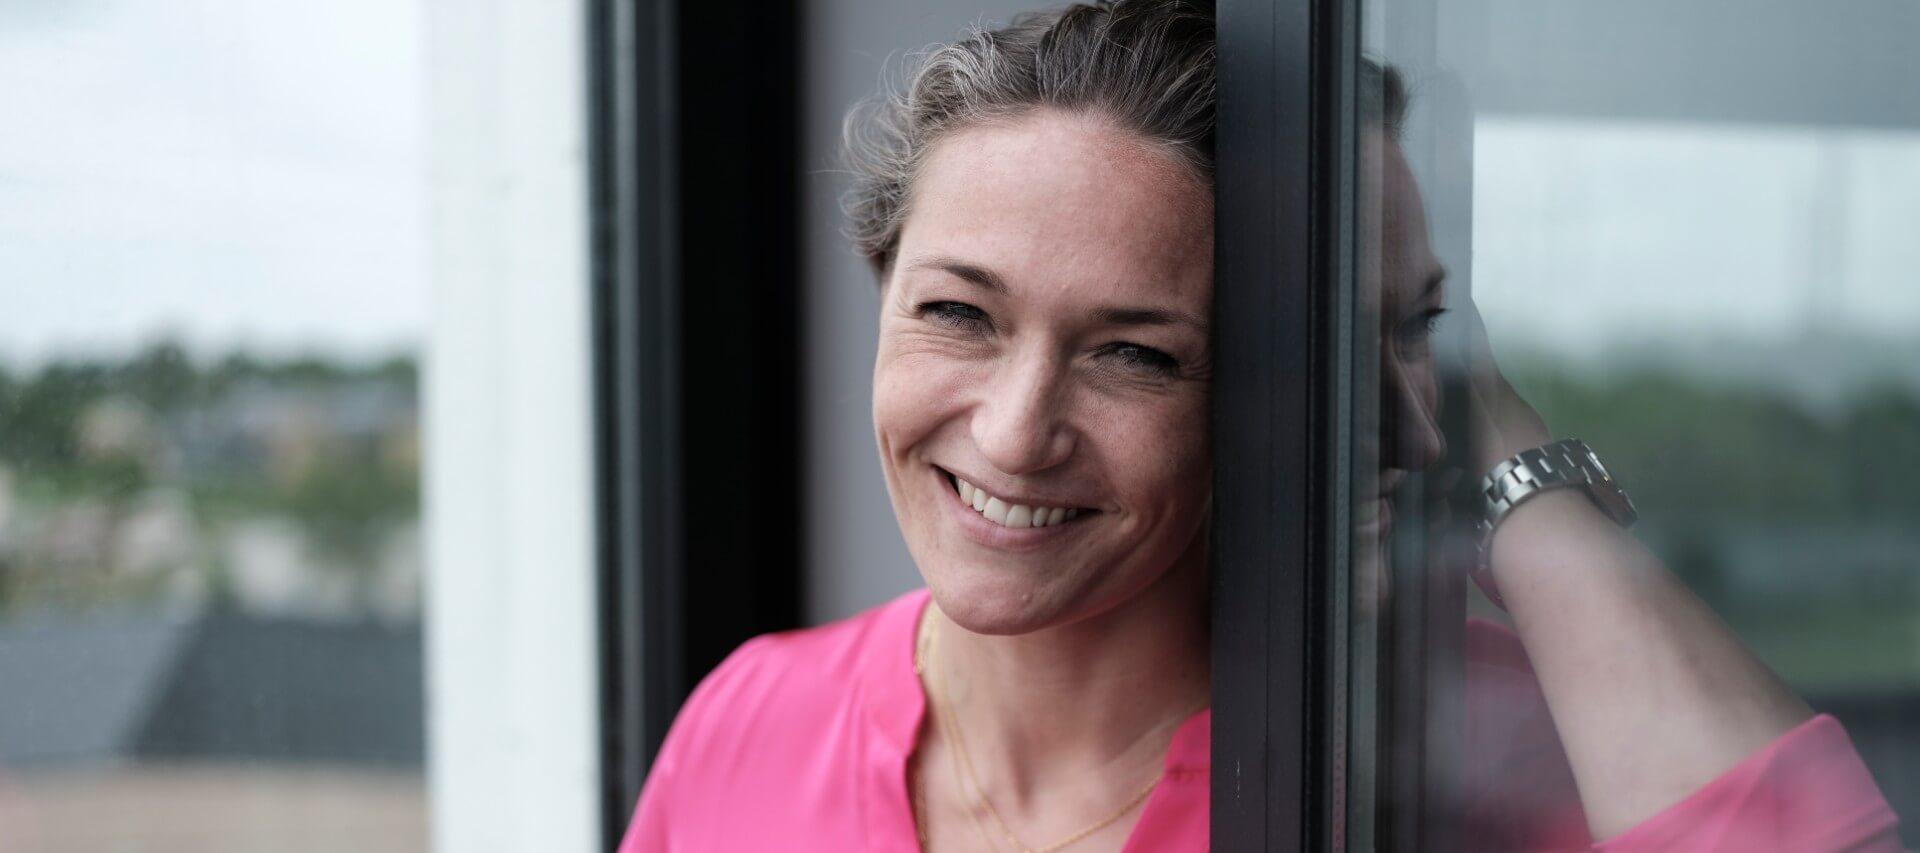 Mia Wagner, Disciplin, Bizz Up Efterår 2019, Bizz Up